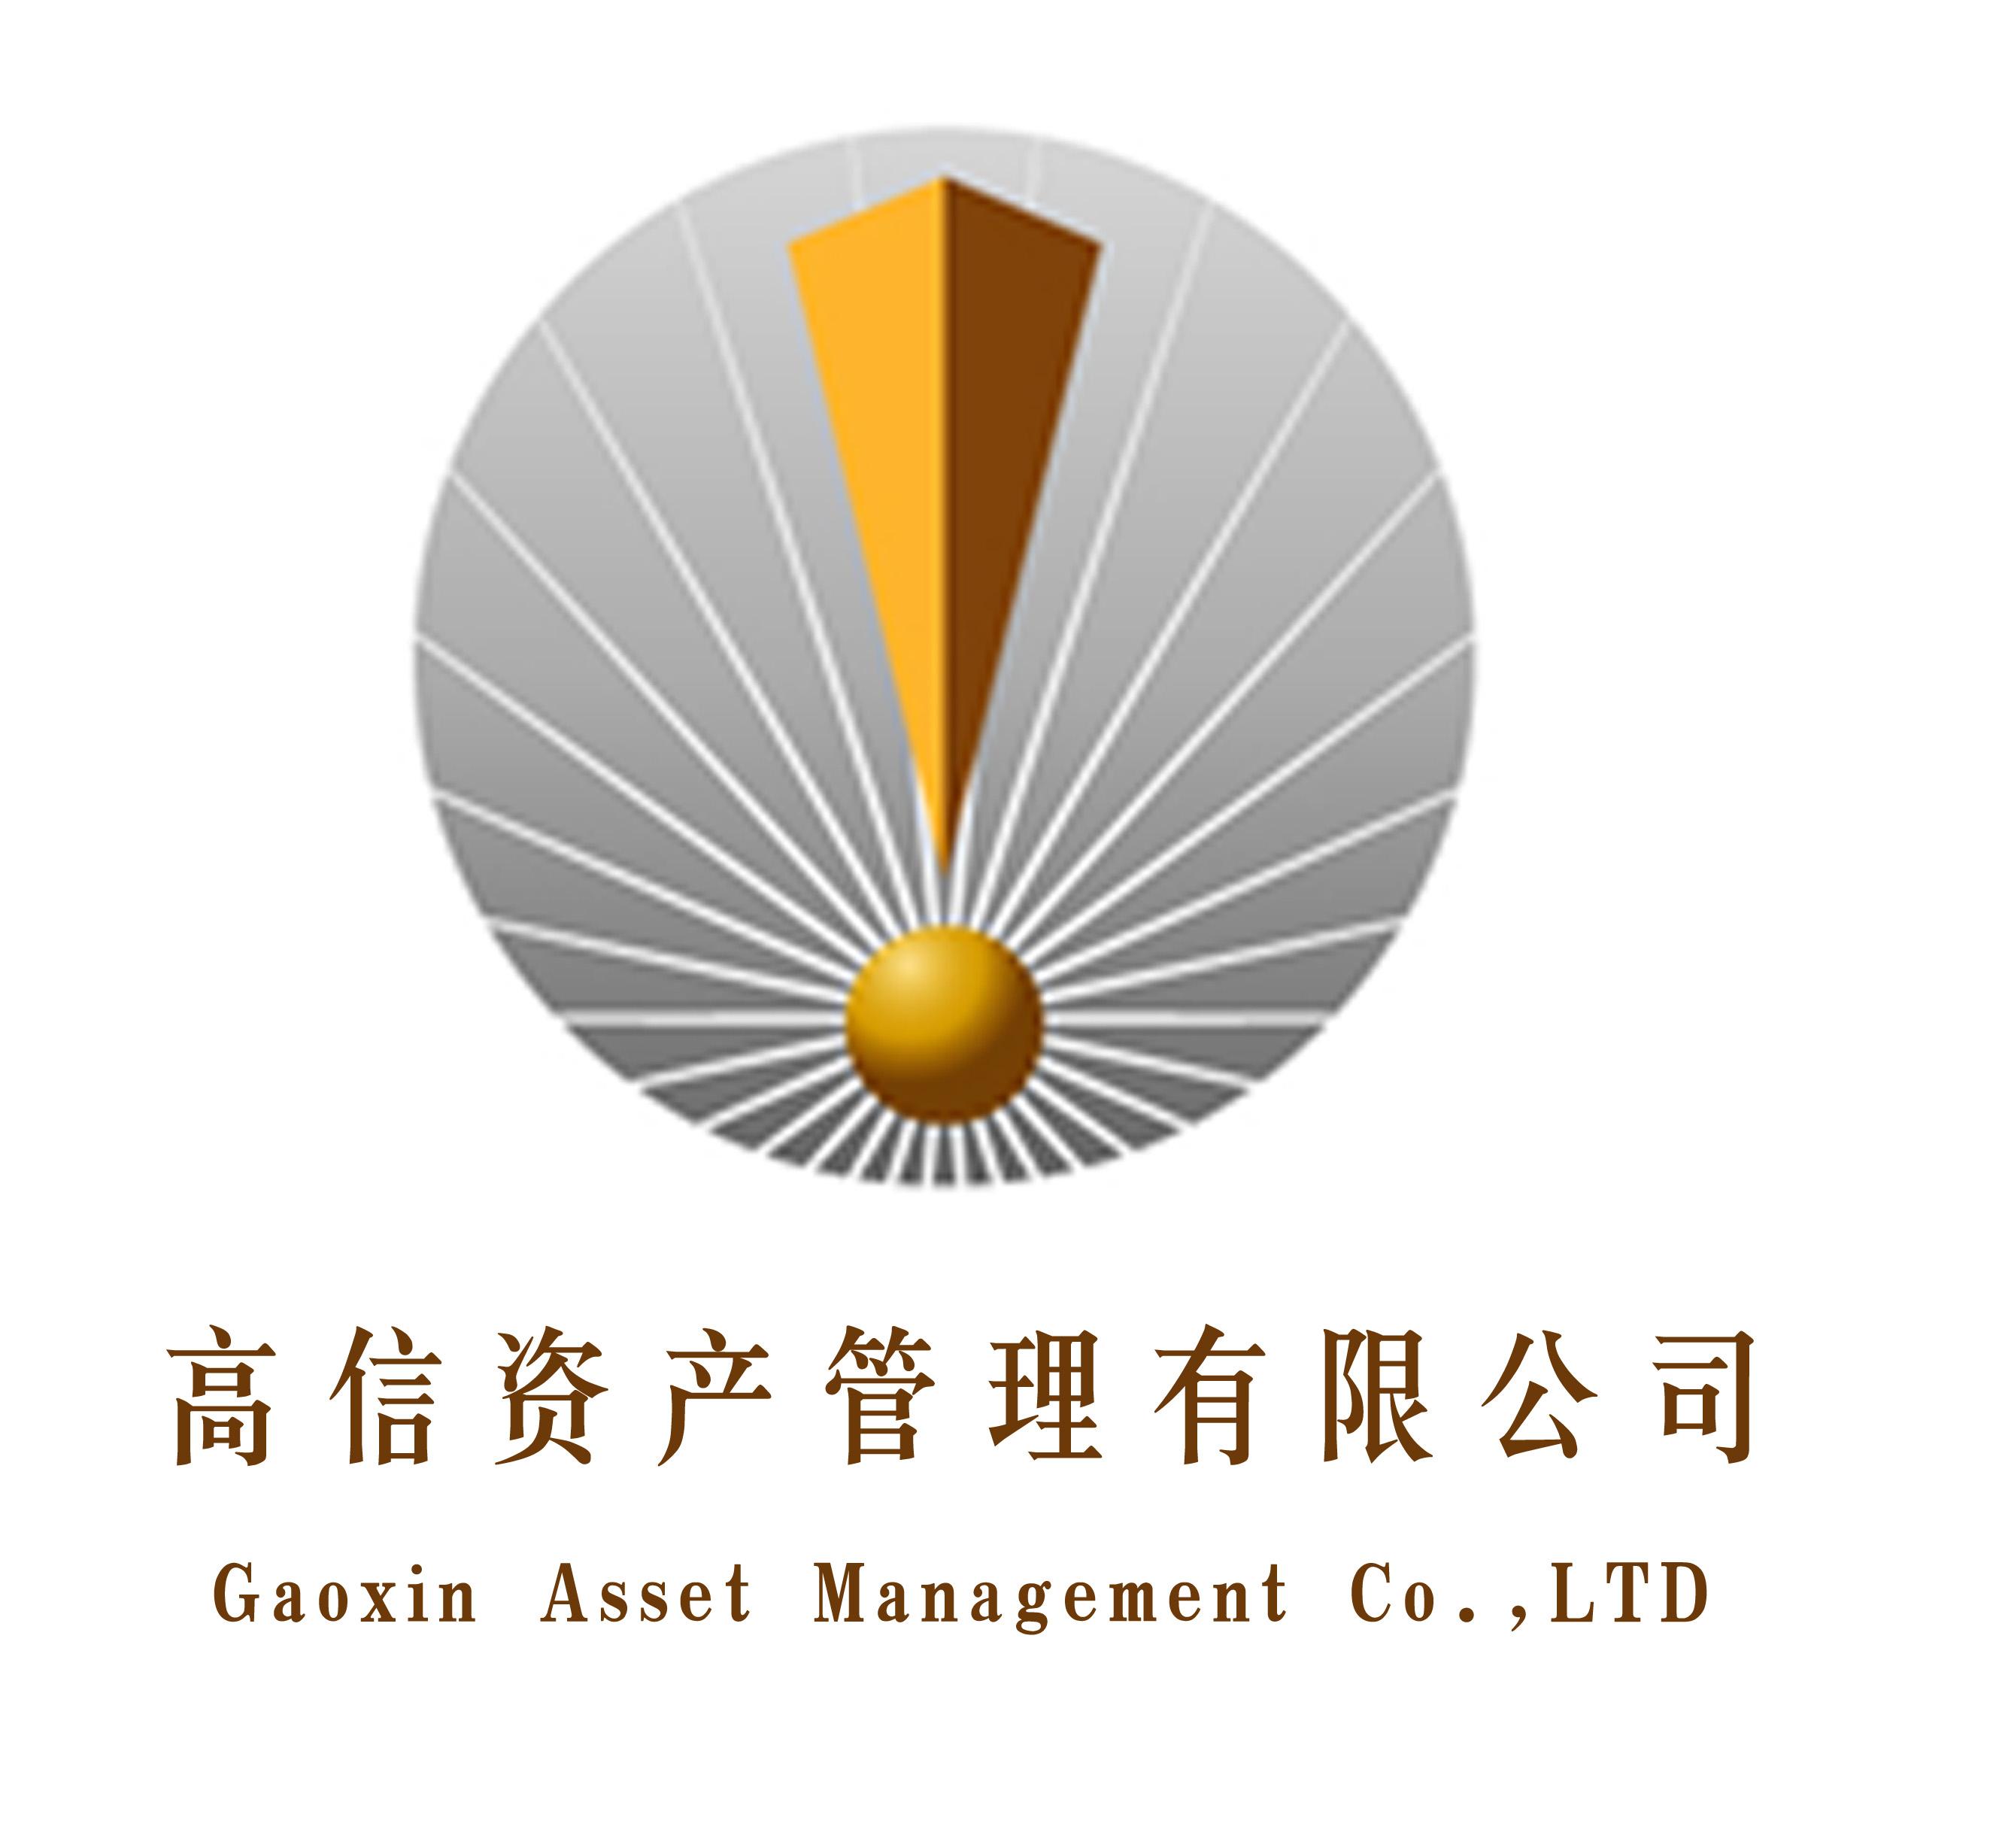 杭州高信资产管理有限公司广州分公司logo